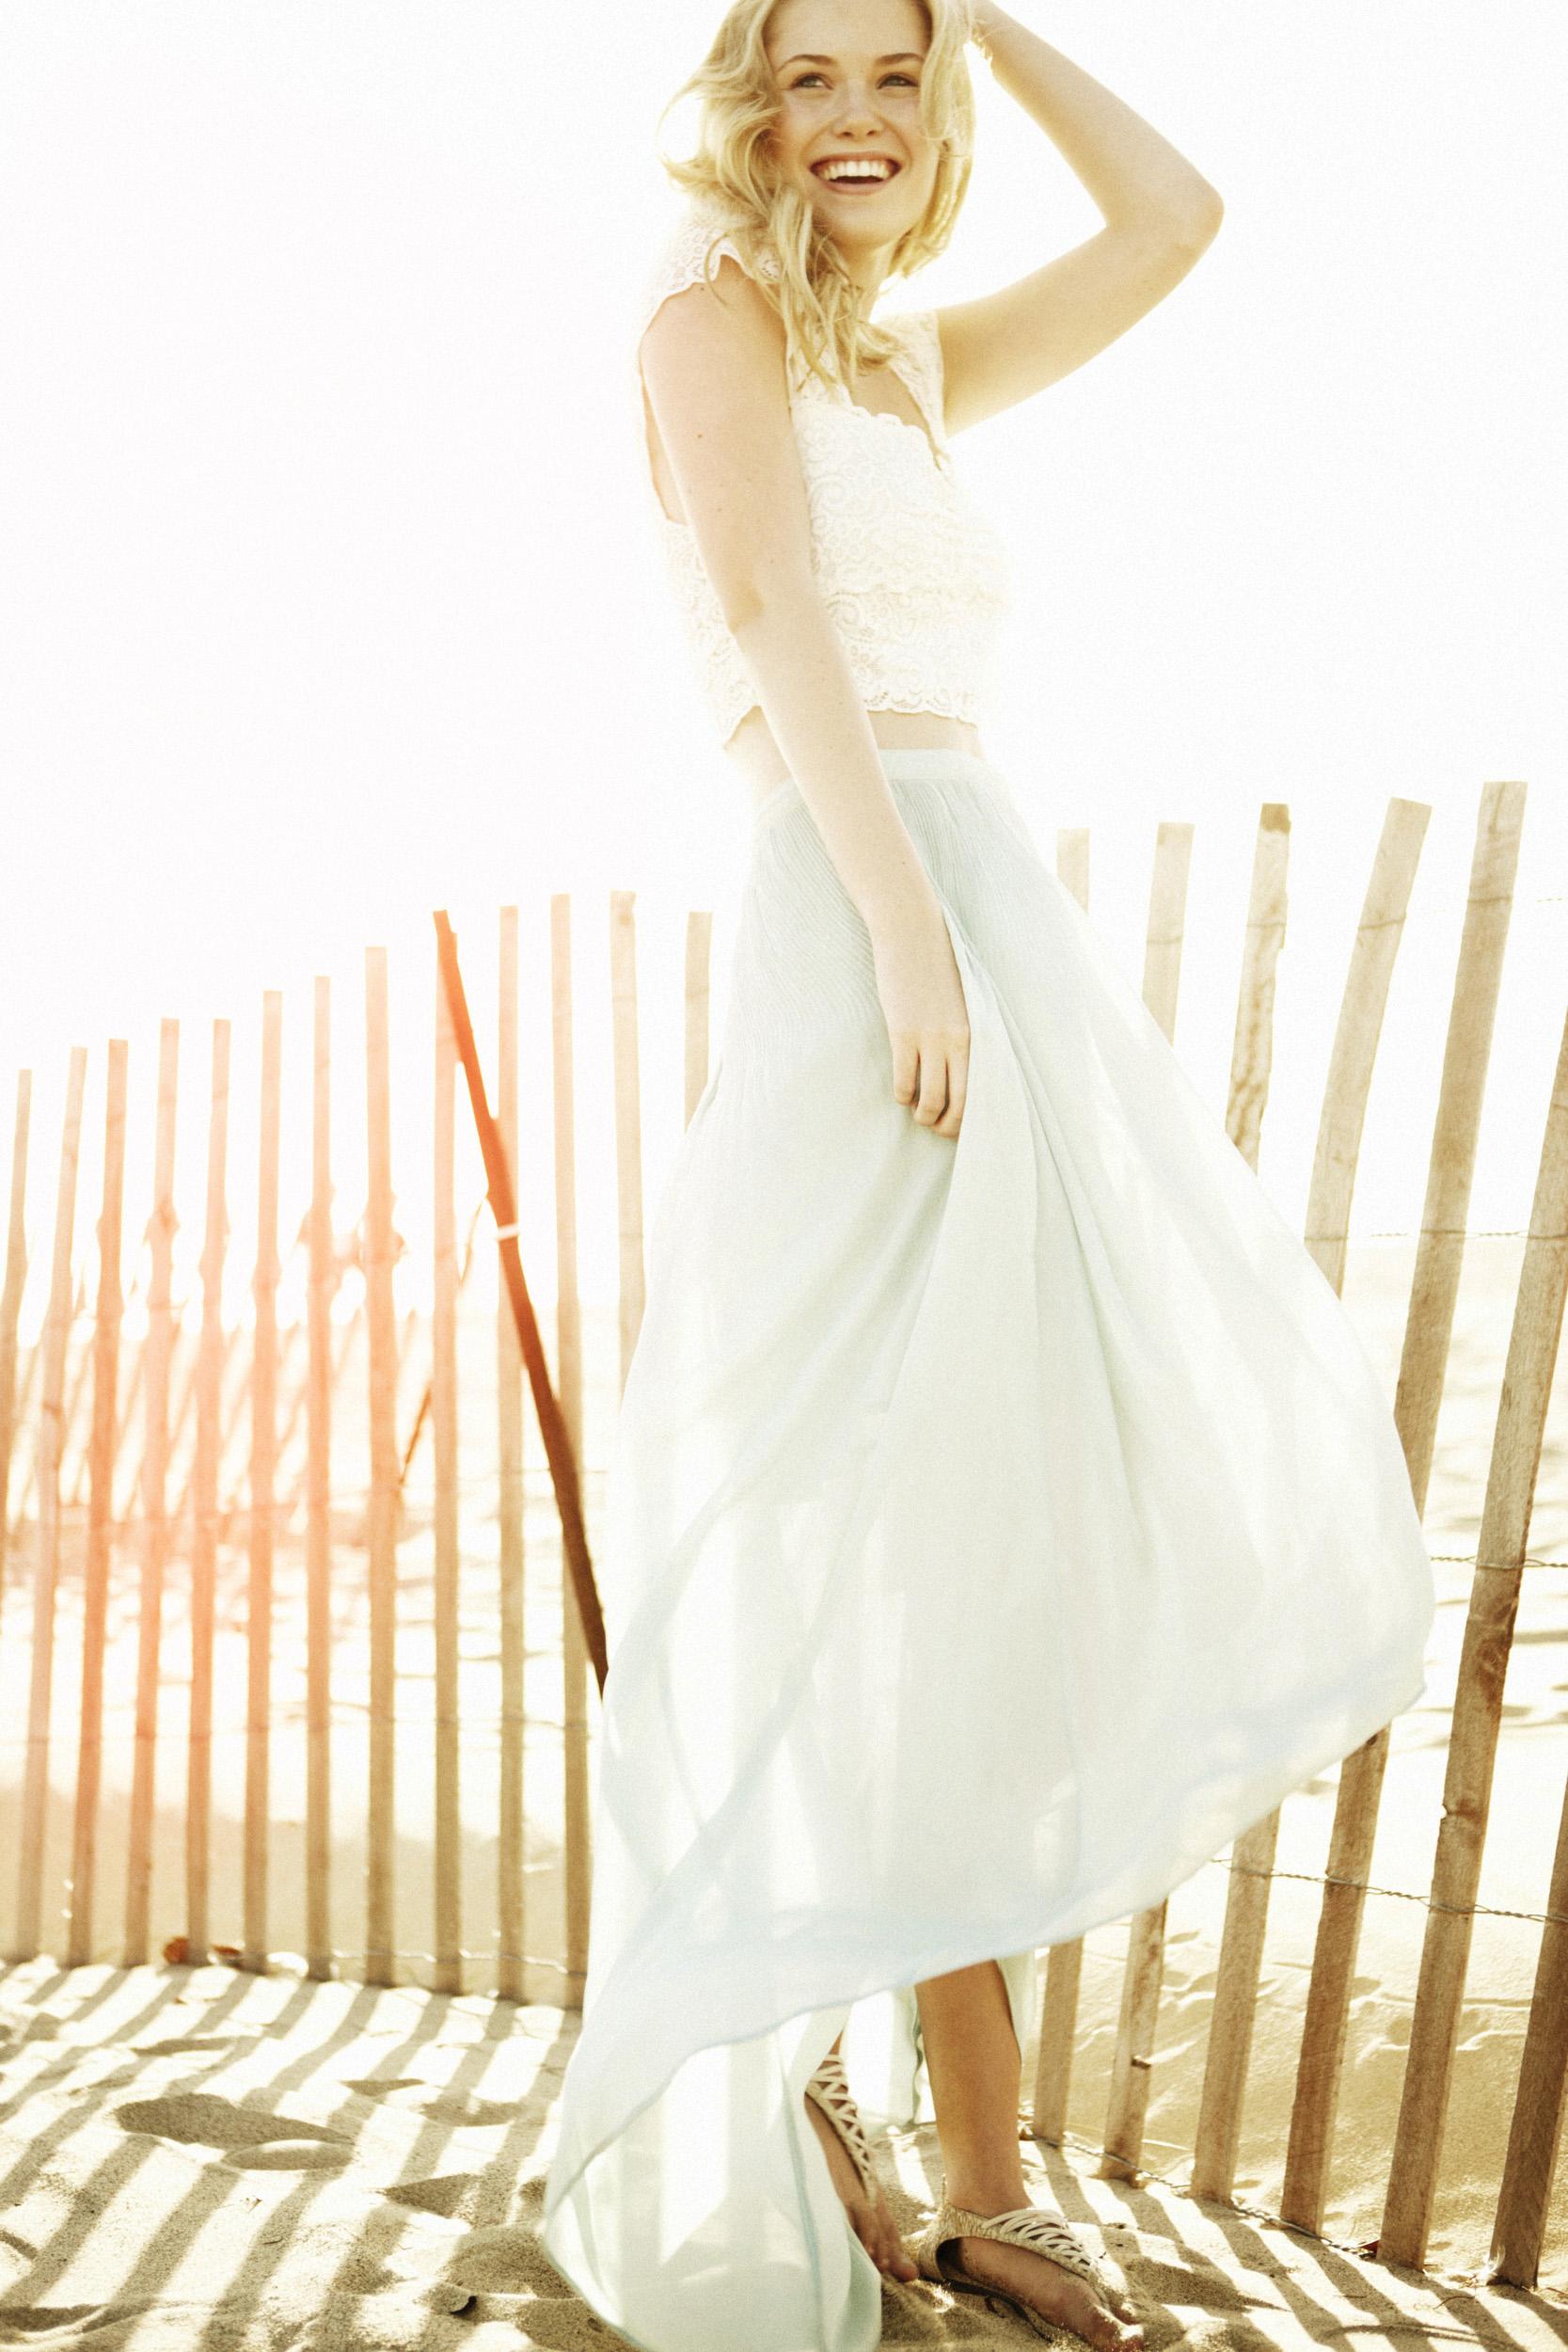 Ford Model B >> FORD Model- Malibu Beach Shoot with Ginny Gardner — Amy Clarke